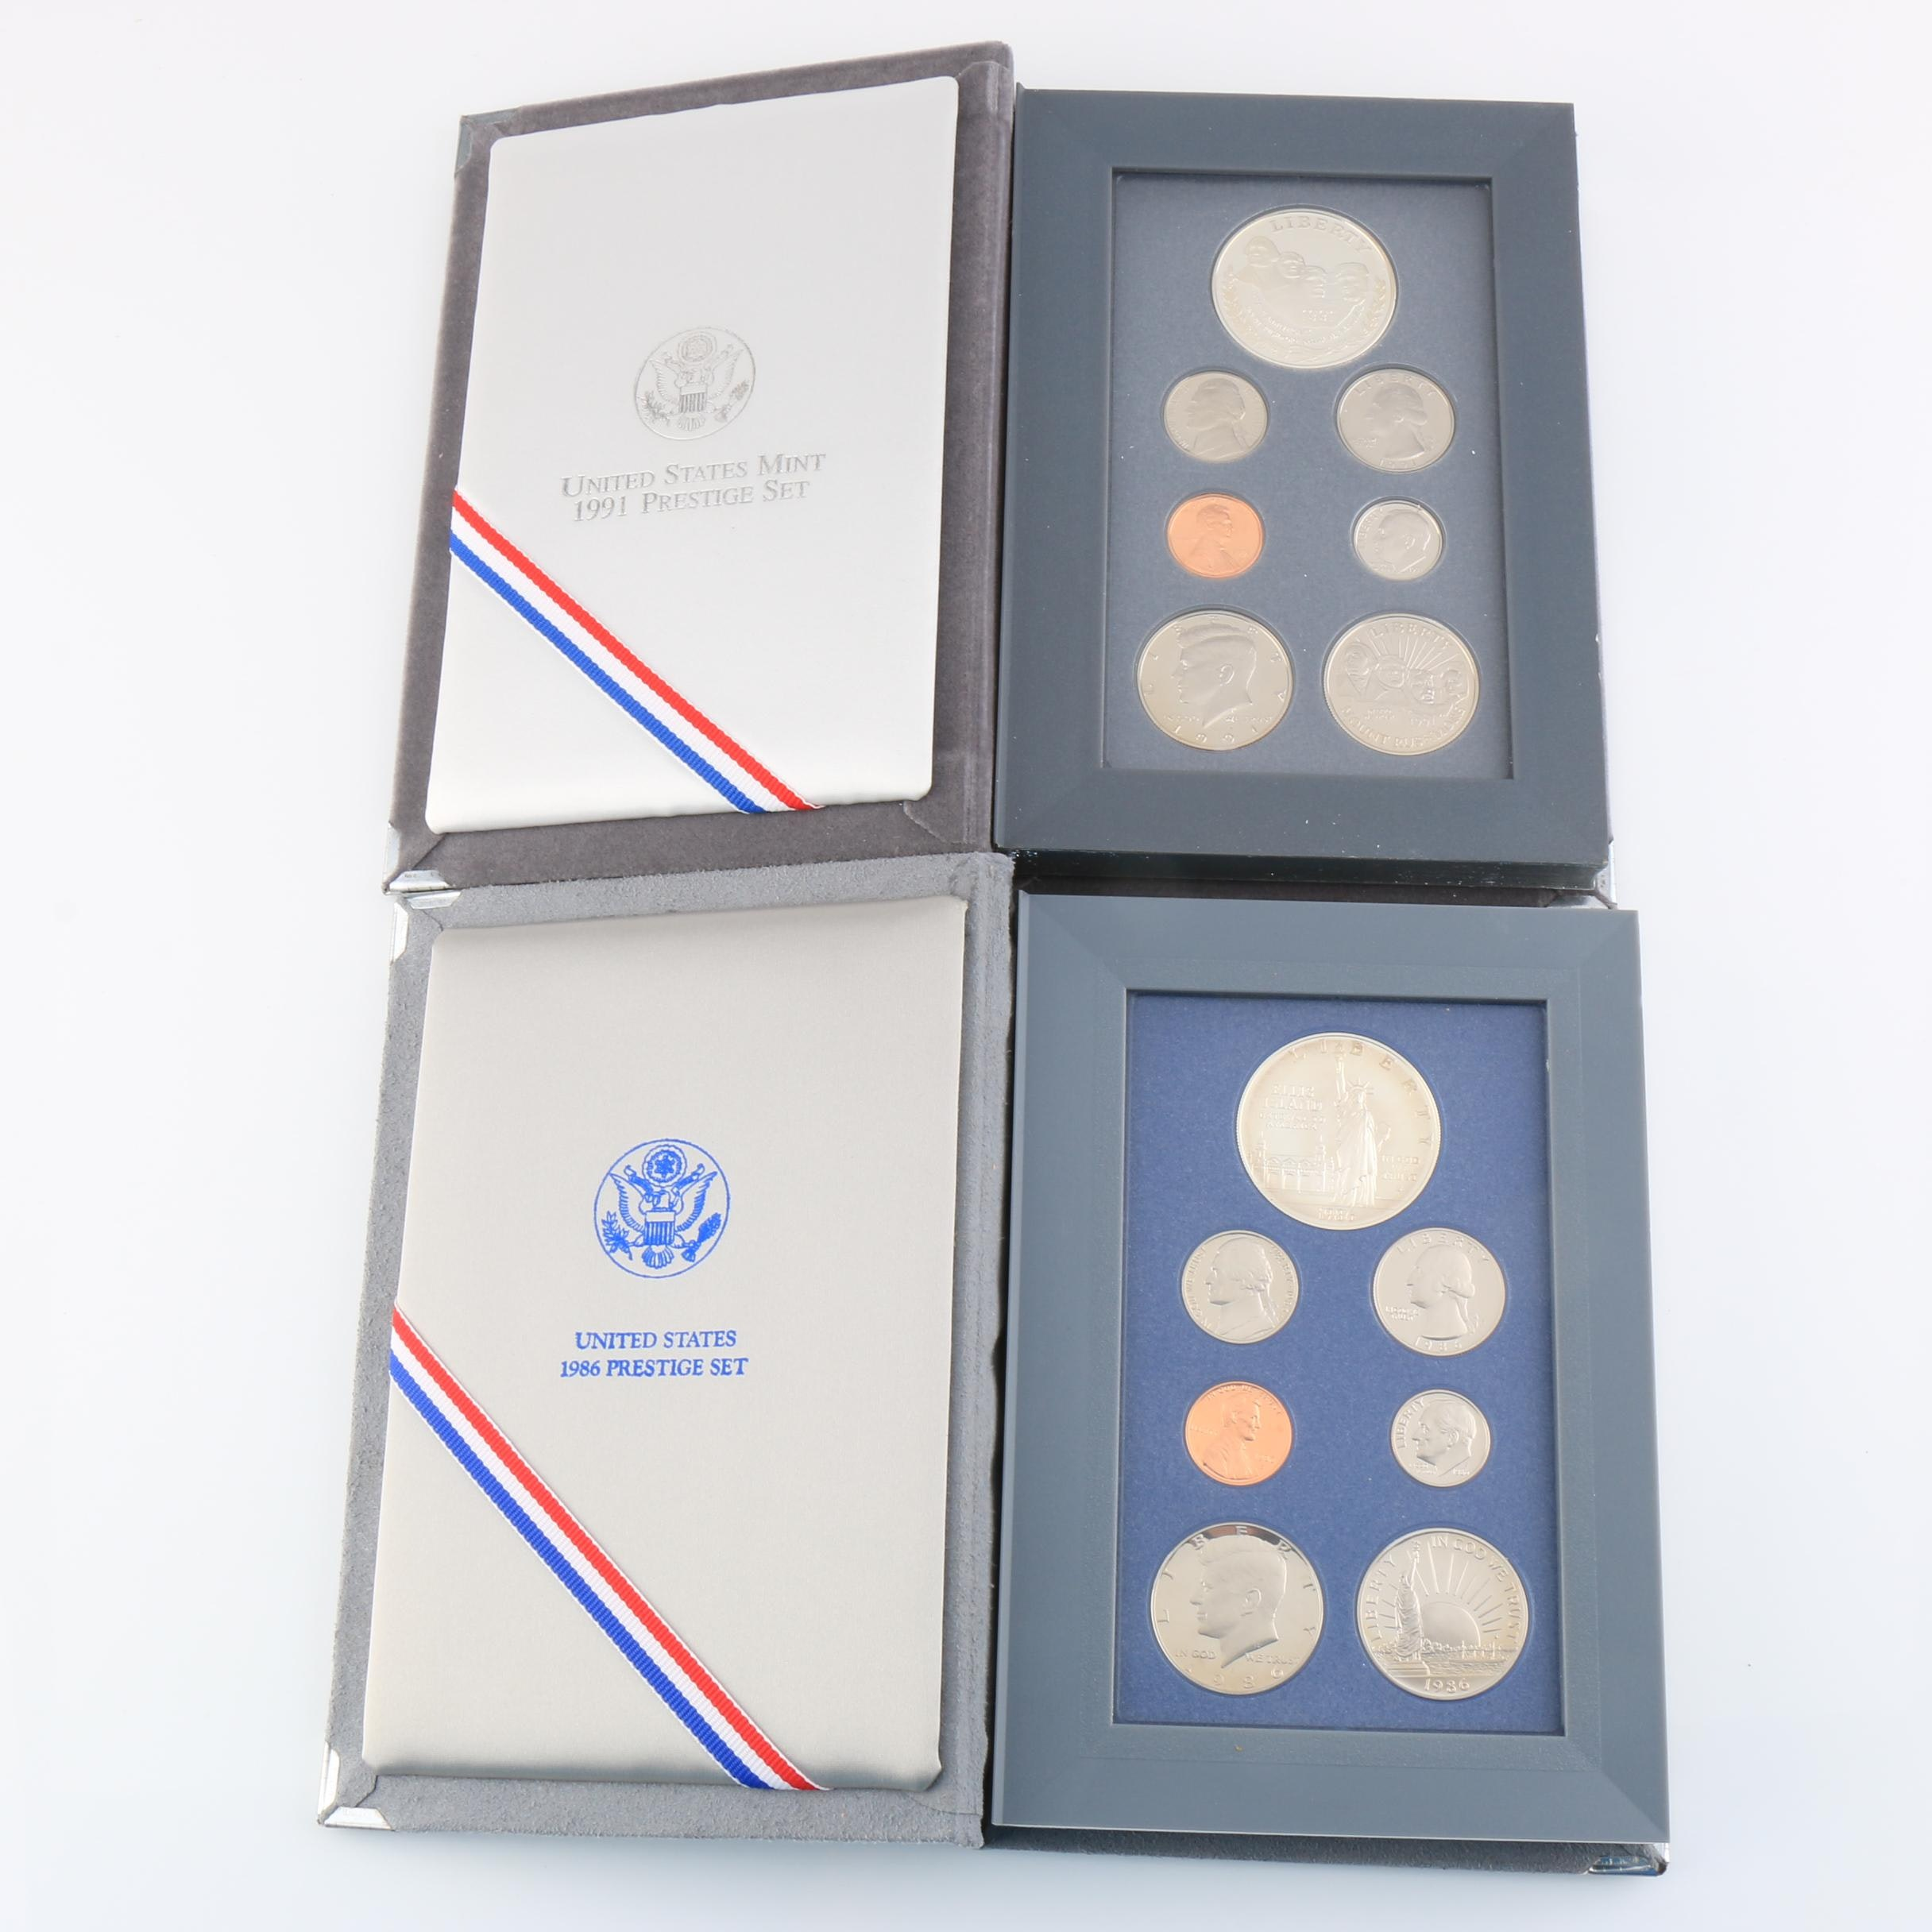 Two U.S. Mint Prestige Sets